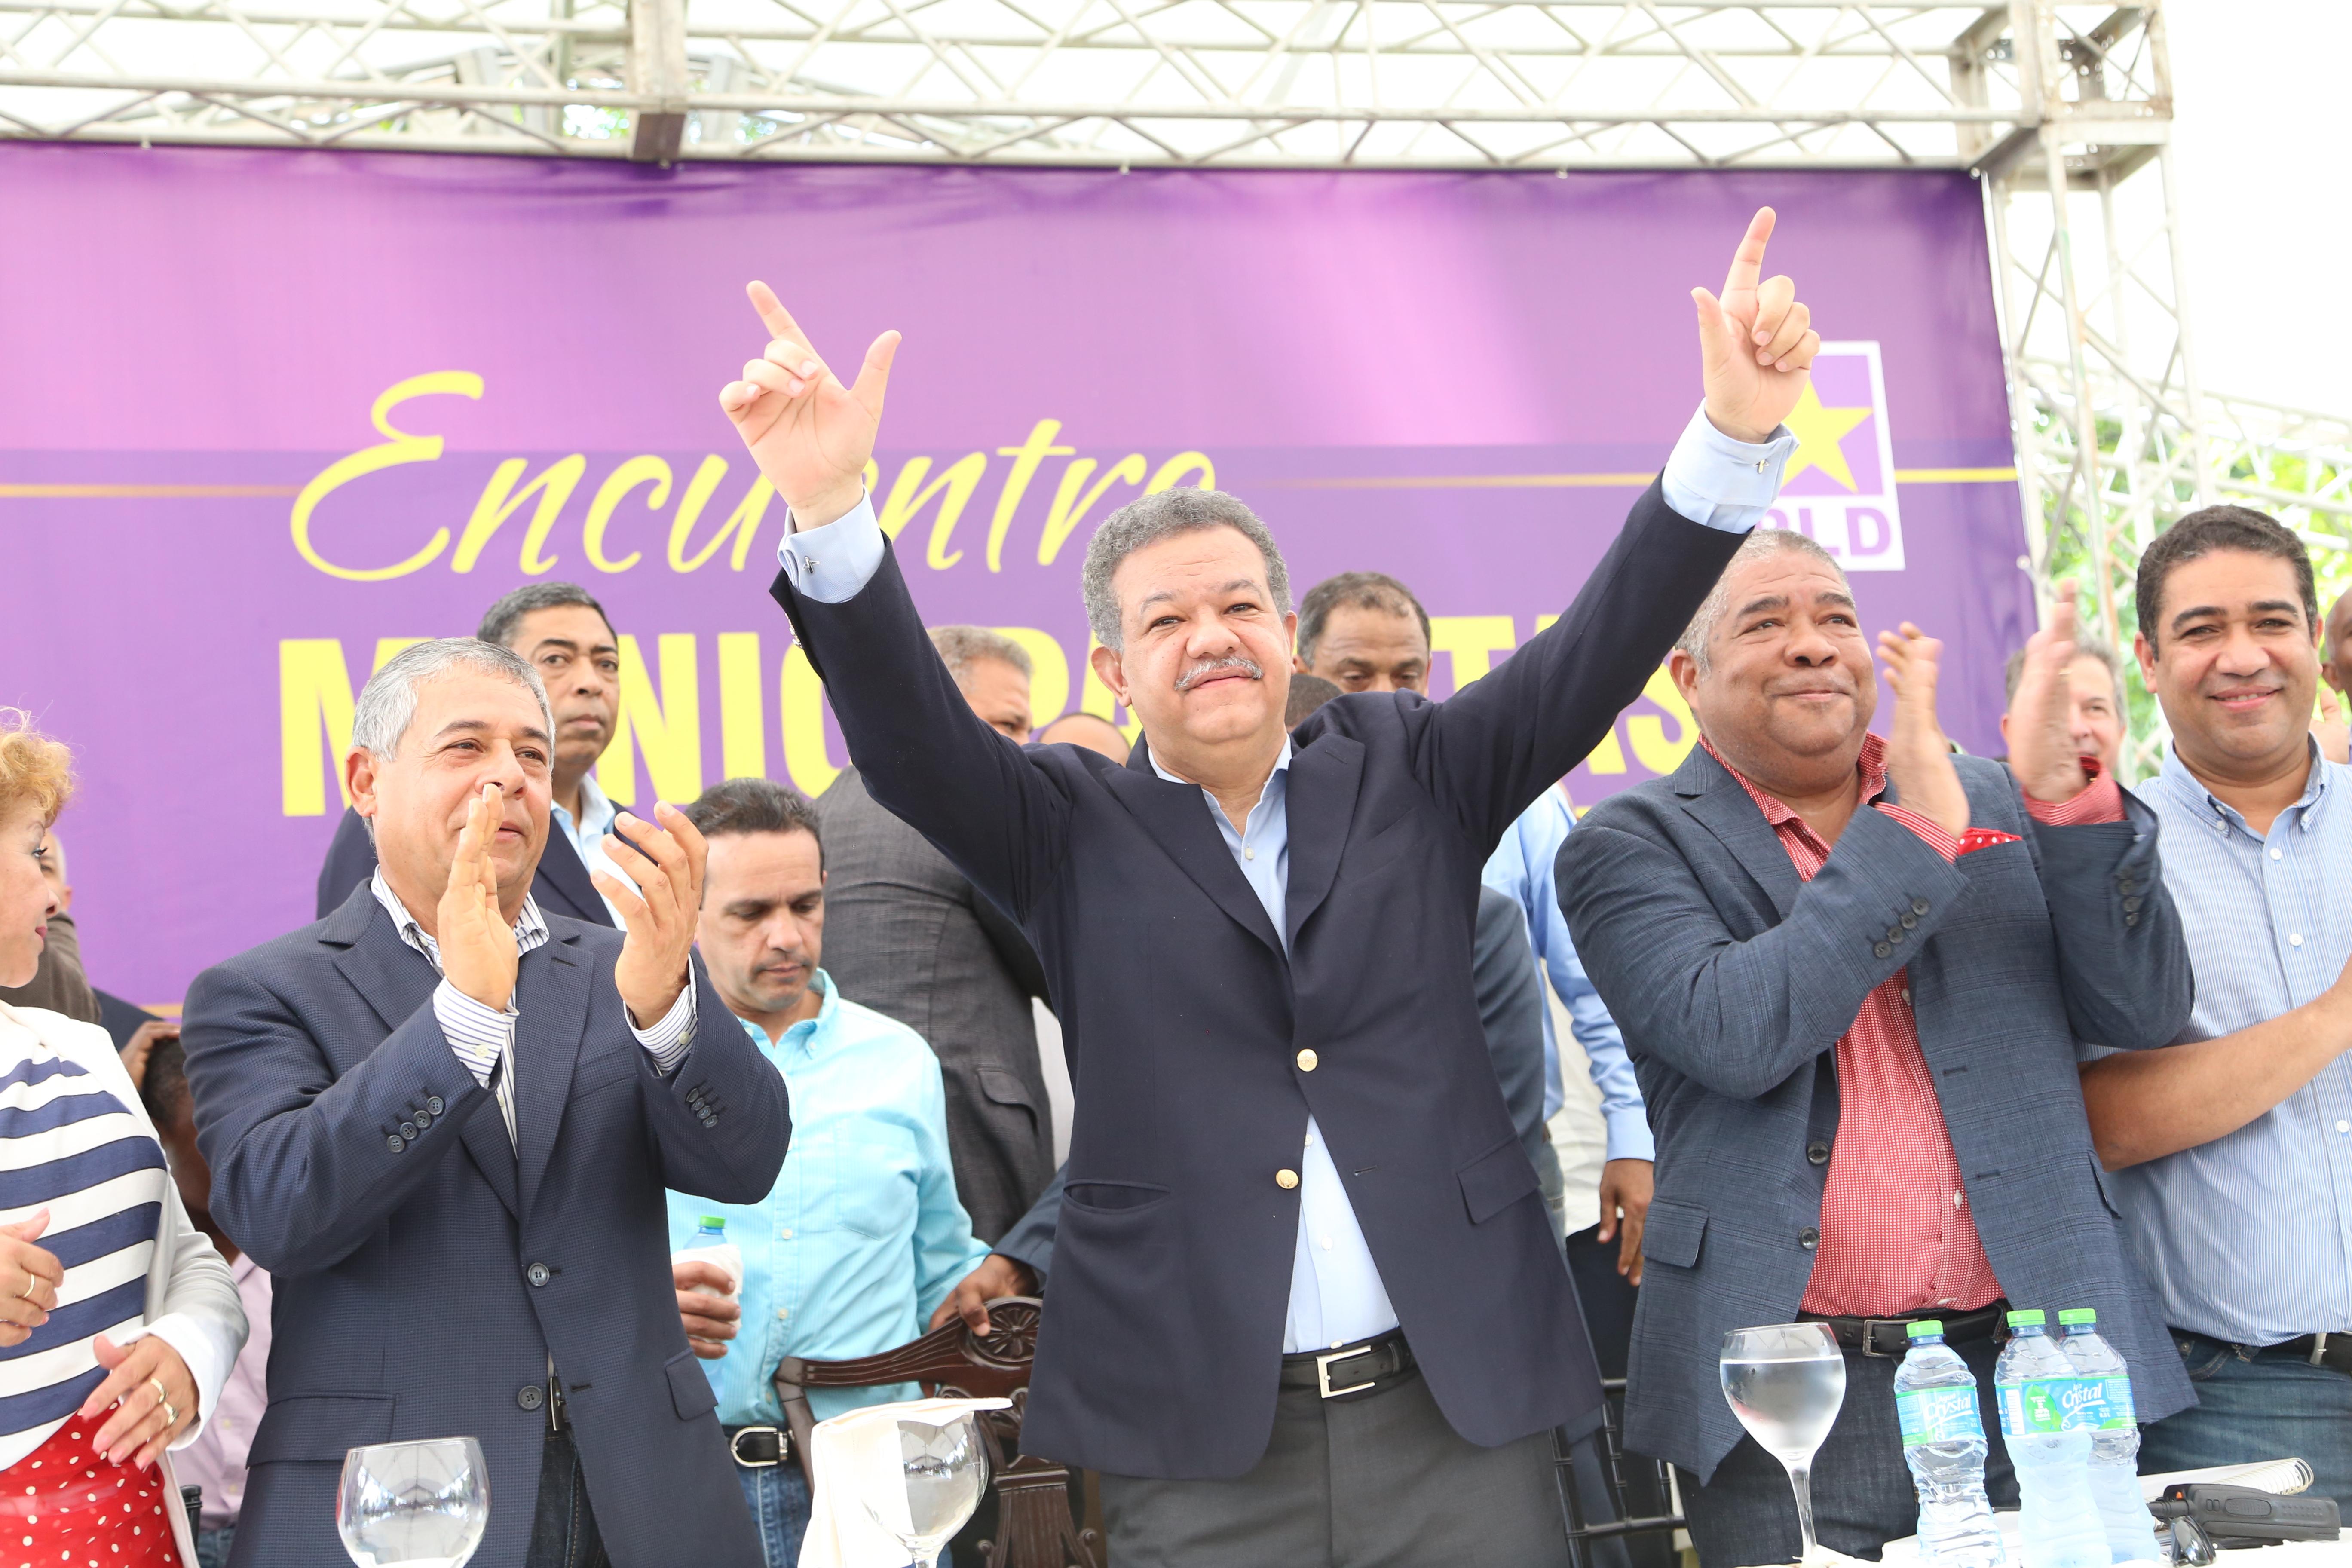 Leonel ladrón, te robaste el corazón del pueblo dominicano